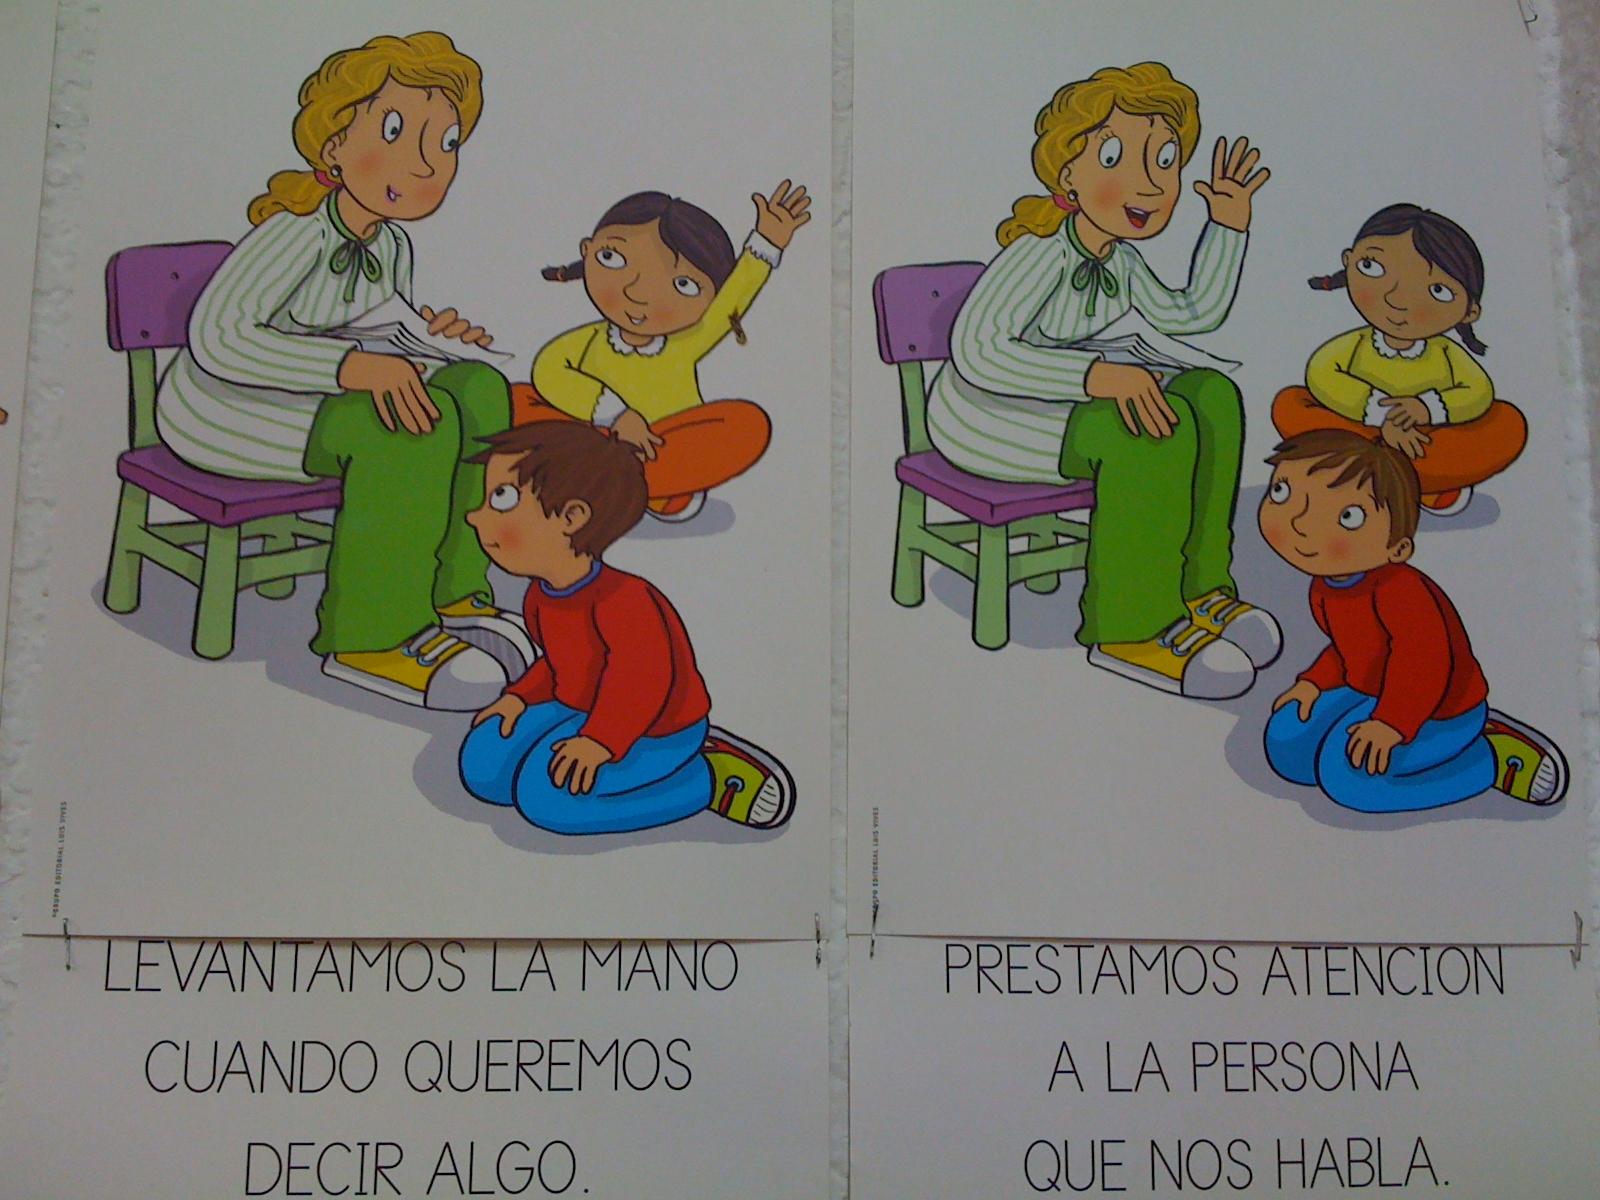 Prestamos Personales Sin Recibo De Sueldo Ni Monotributo